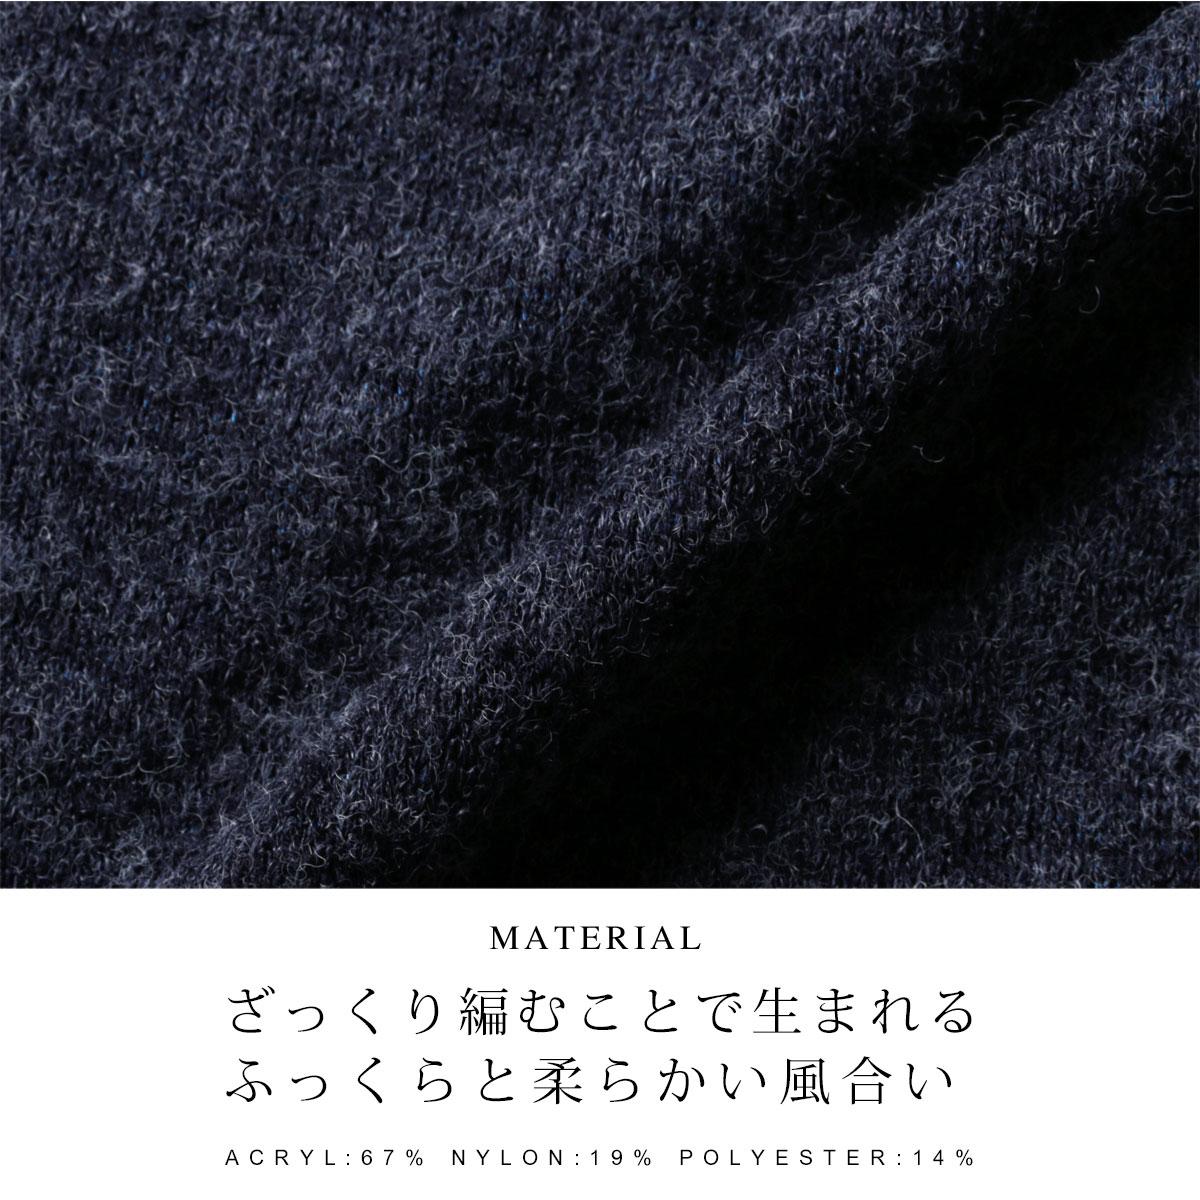 マテリアル